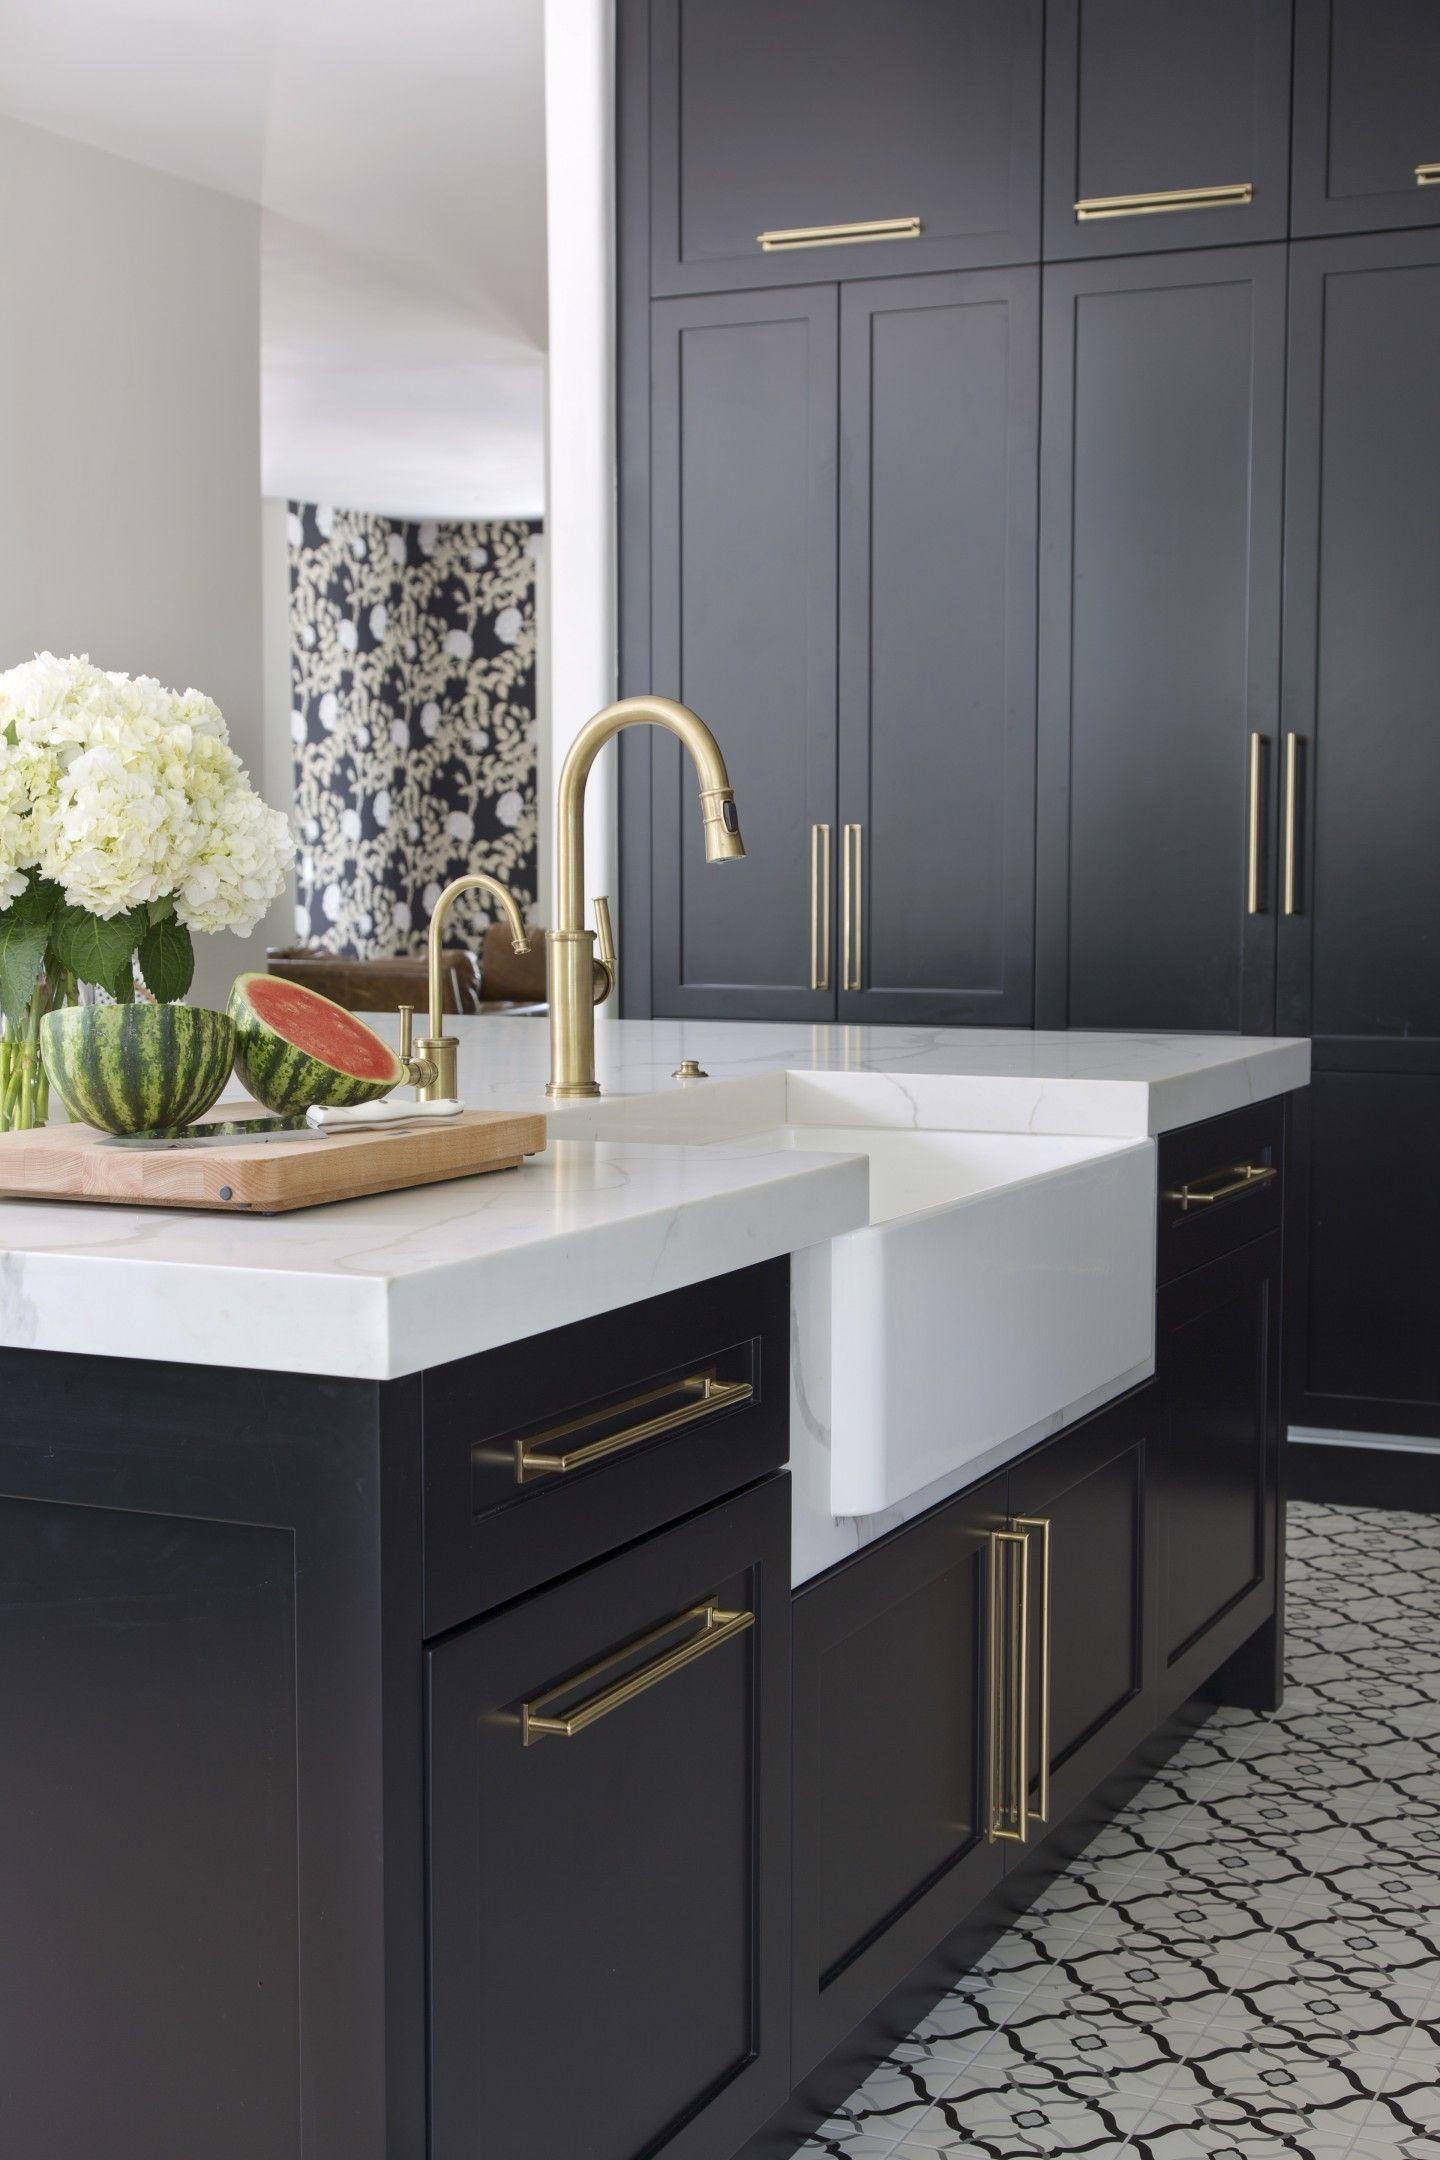 Black & Brass - Exquisite Kitchen Design - Portfolio ...